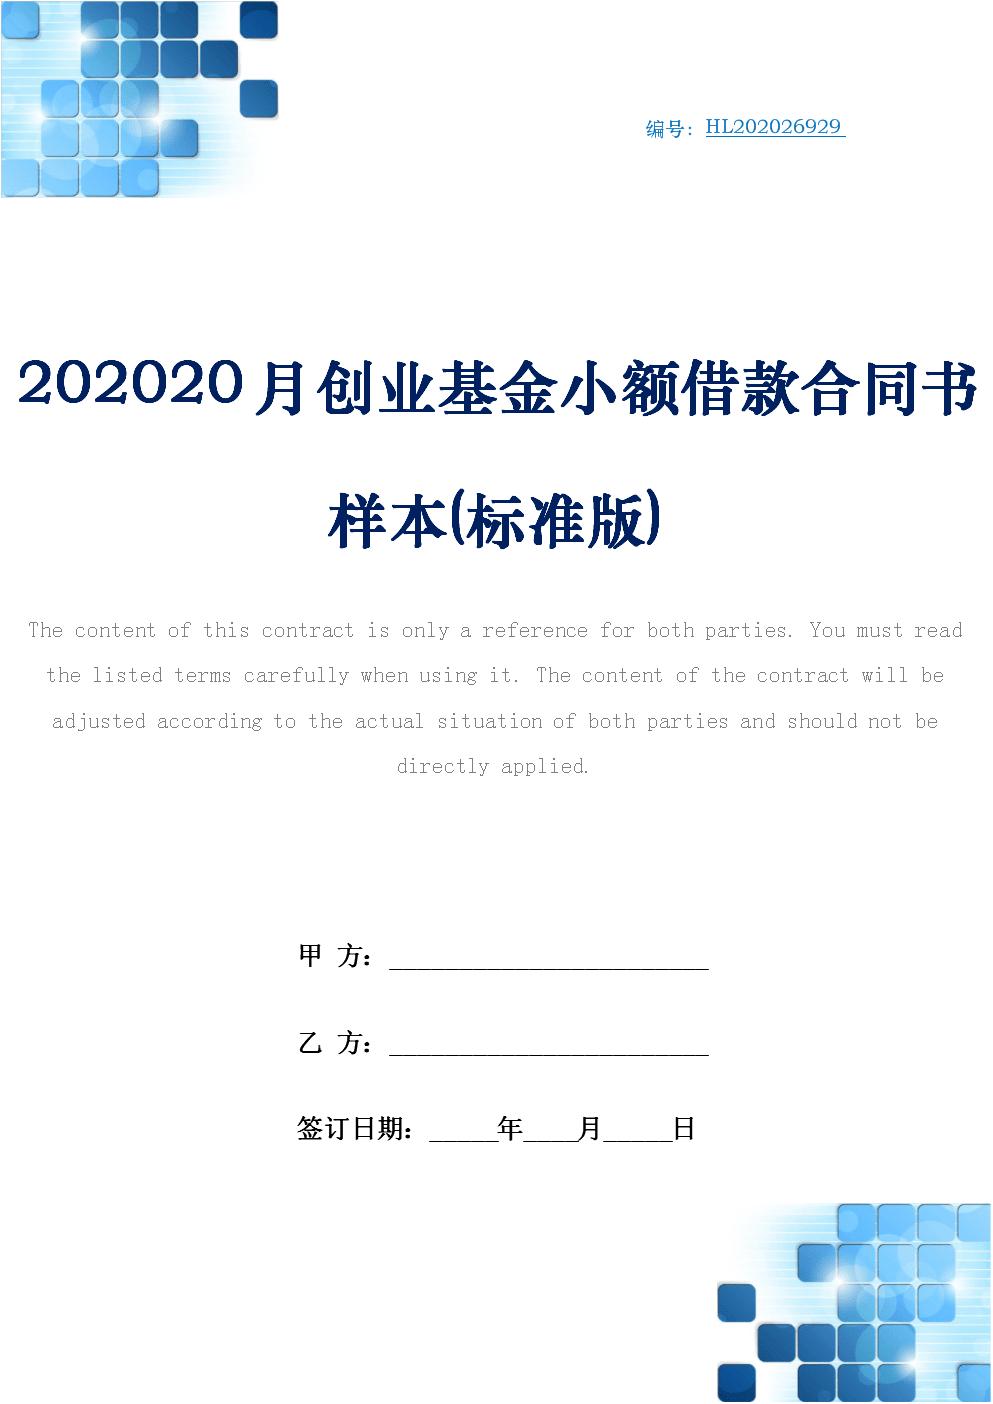 202020月创业基金小额借款合同书样本(标准版).docx